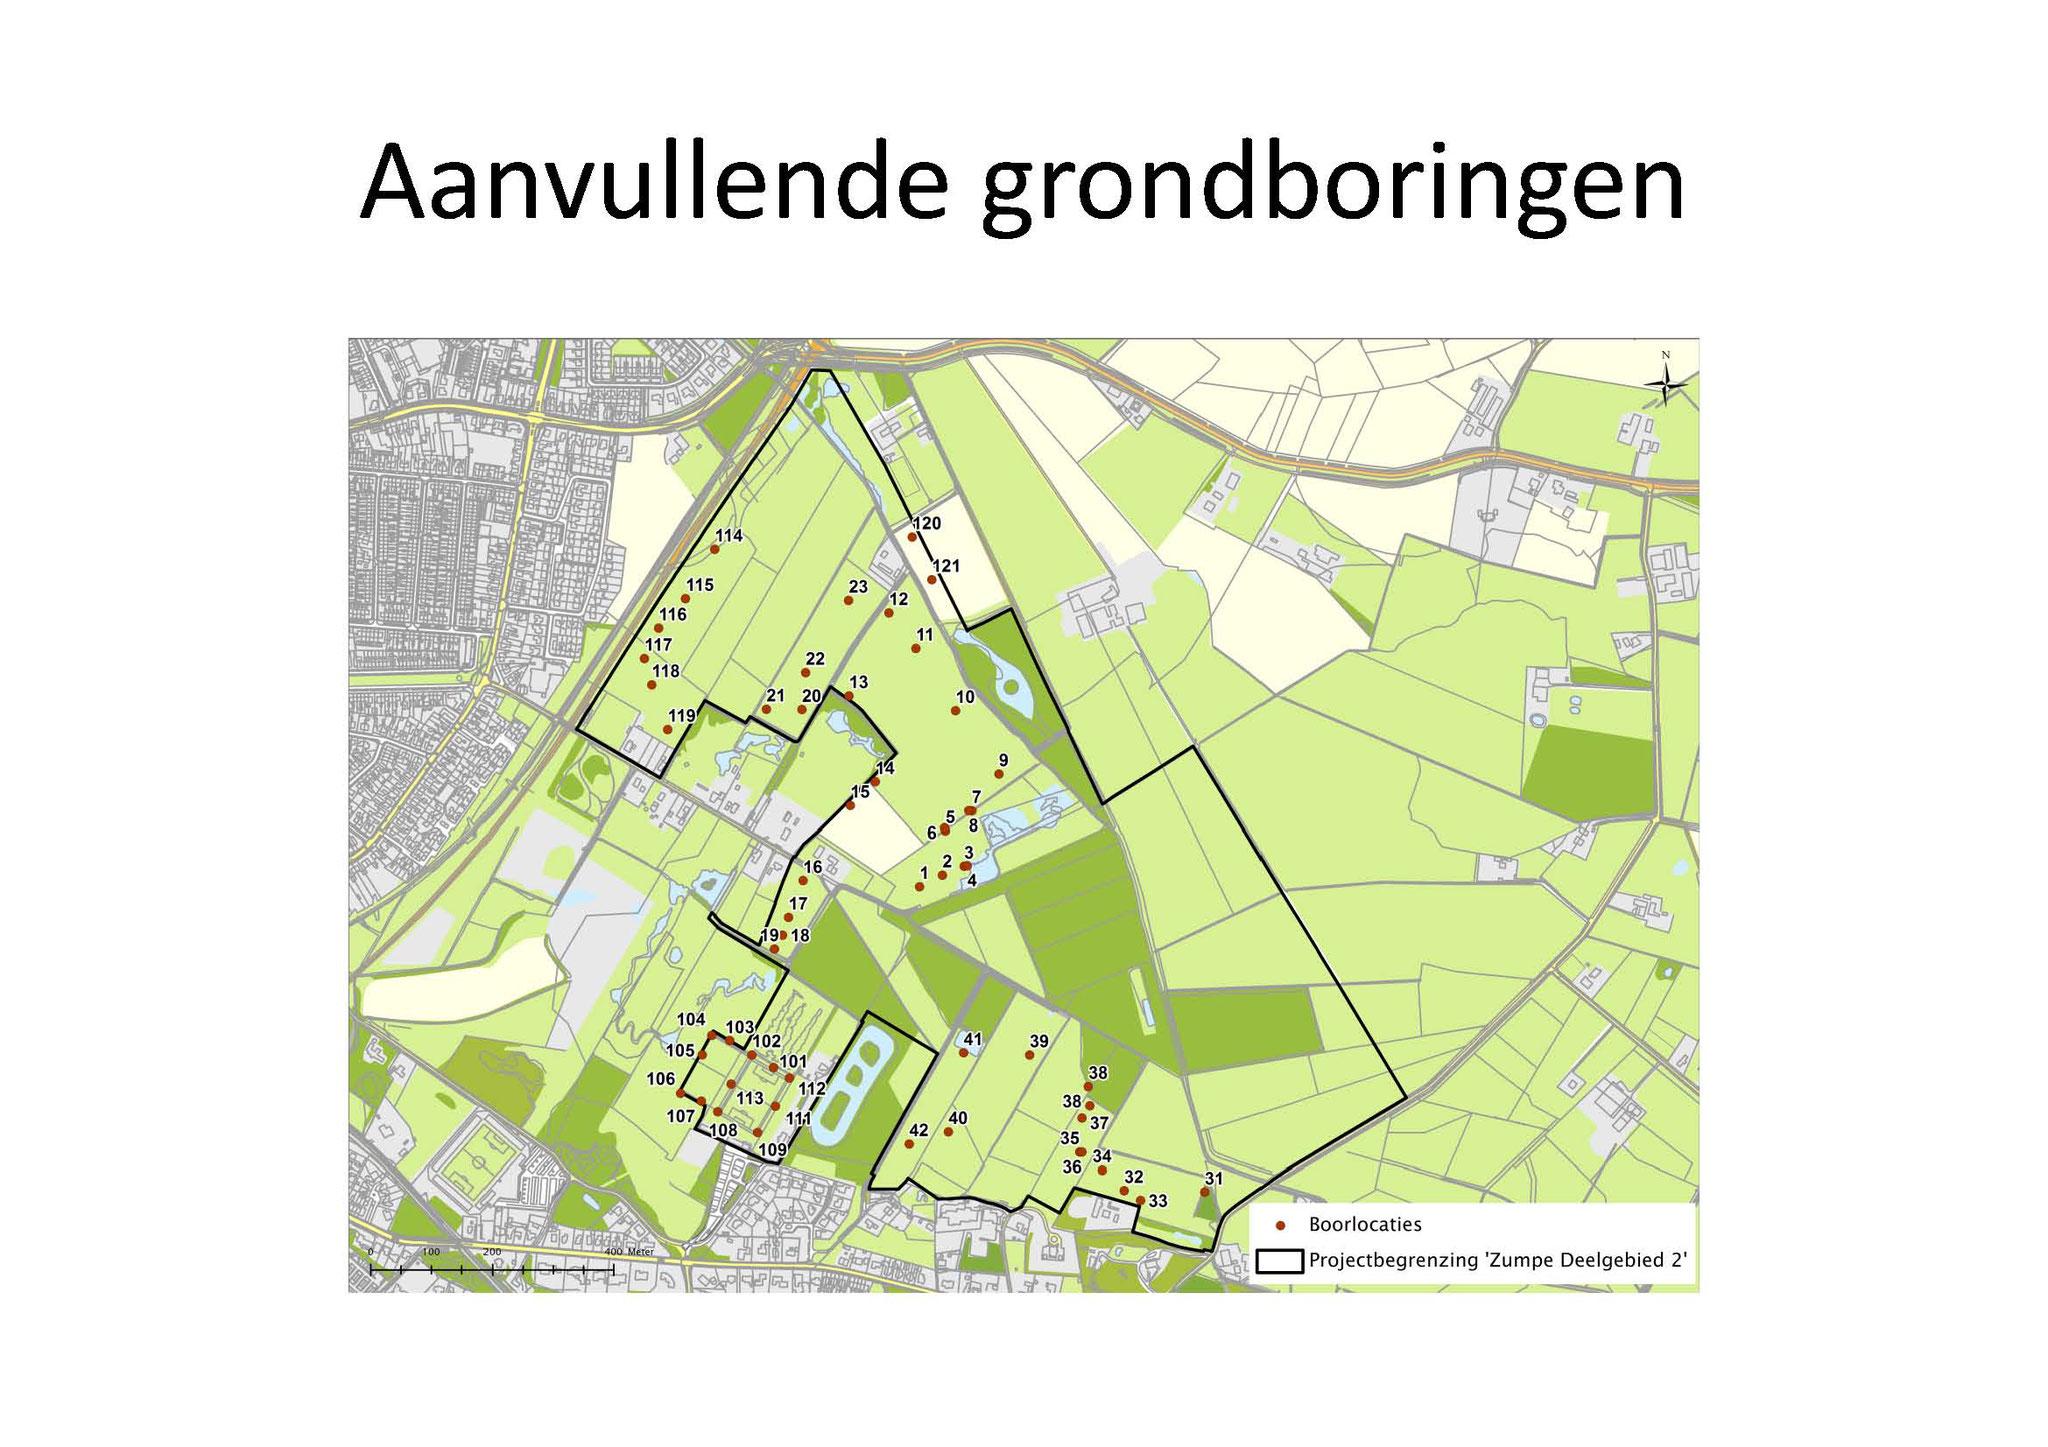 Omdat lokaal de voedselrijke bovengrond zal worden afgegraven, waren extra grondboringen nodig.